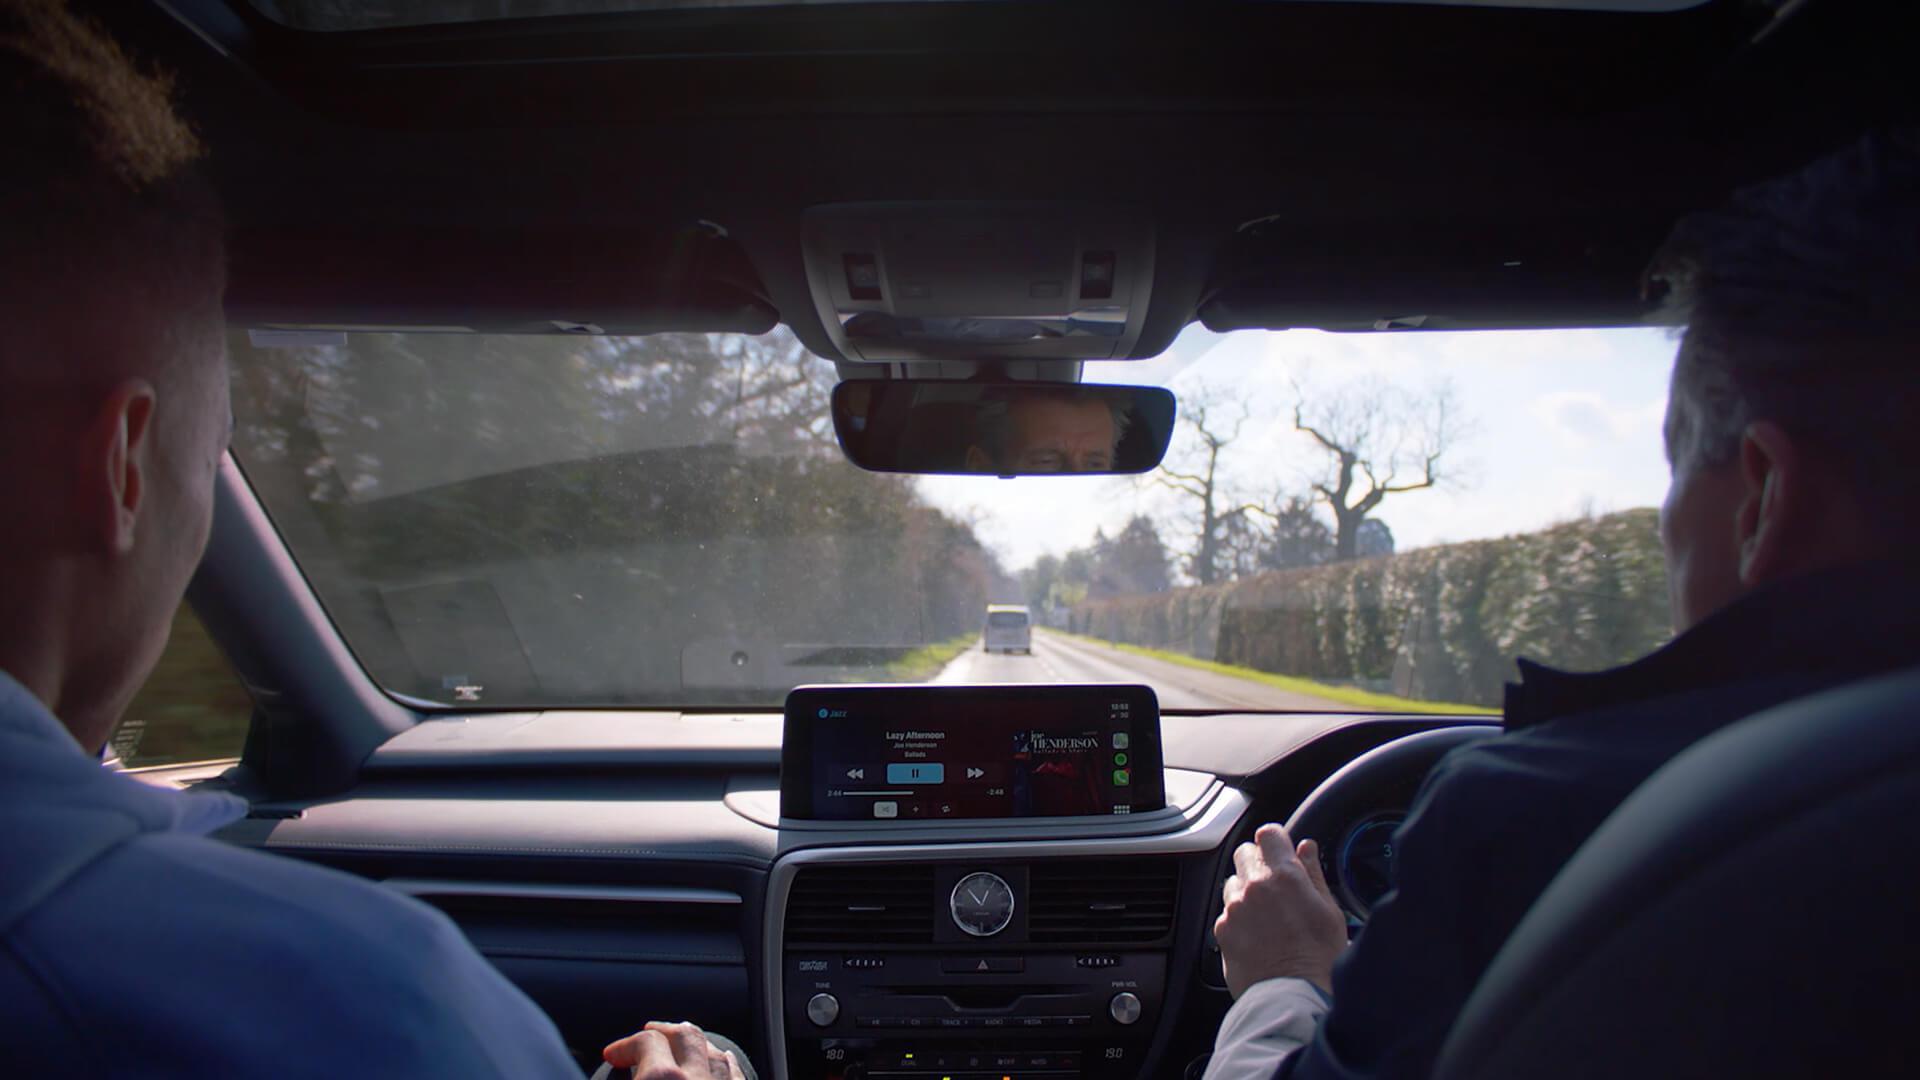 Lexus2020 SebCoeAlexHaydock Wilson InteractiveVideoPoster